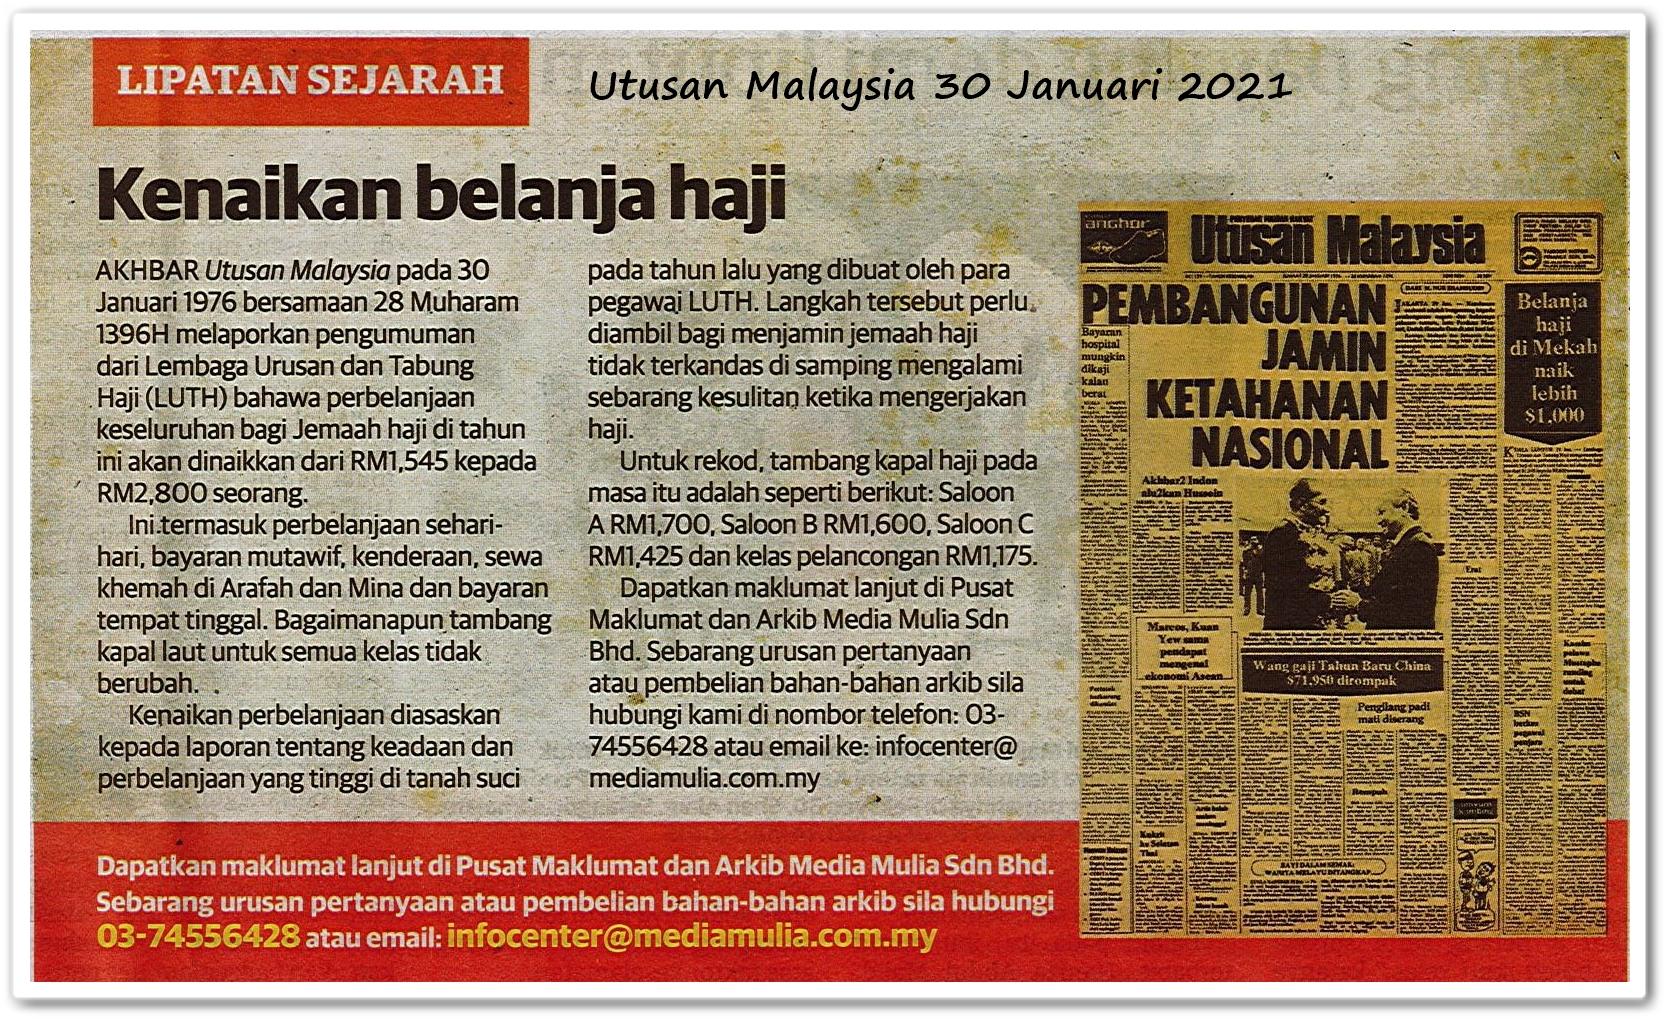 Lipatan sejarah ; Kenaikan belanja haji - Keratan akhbar Utusan Malaysia 30 Januari 2021